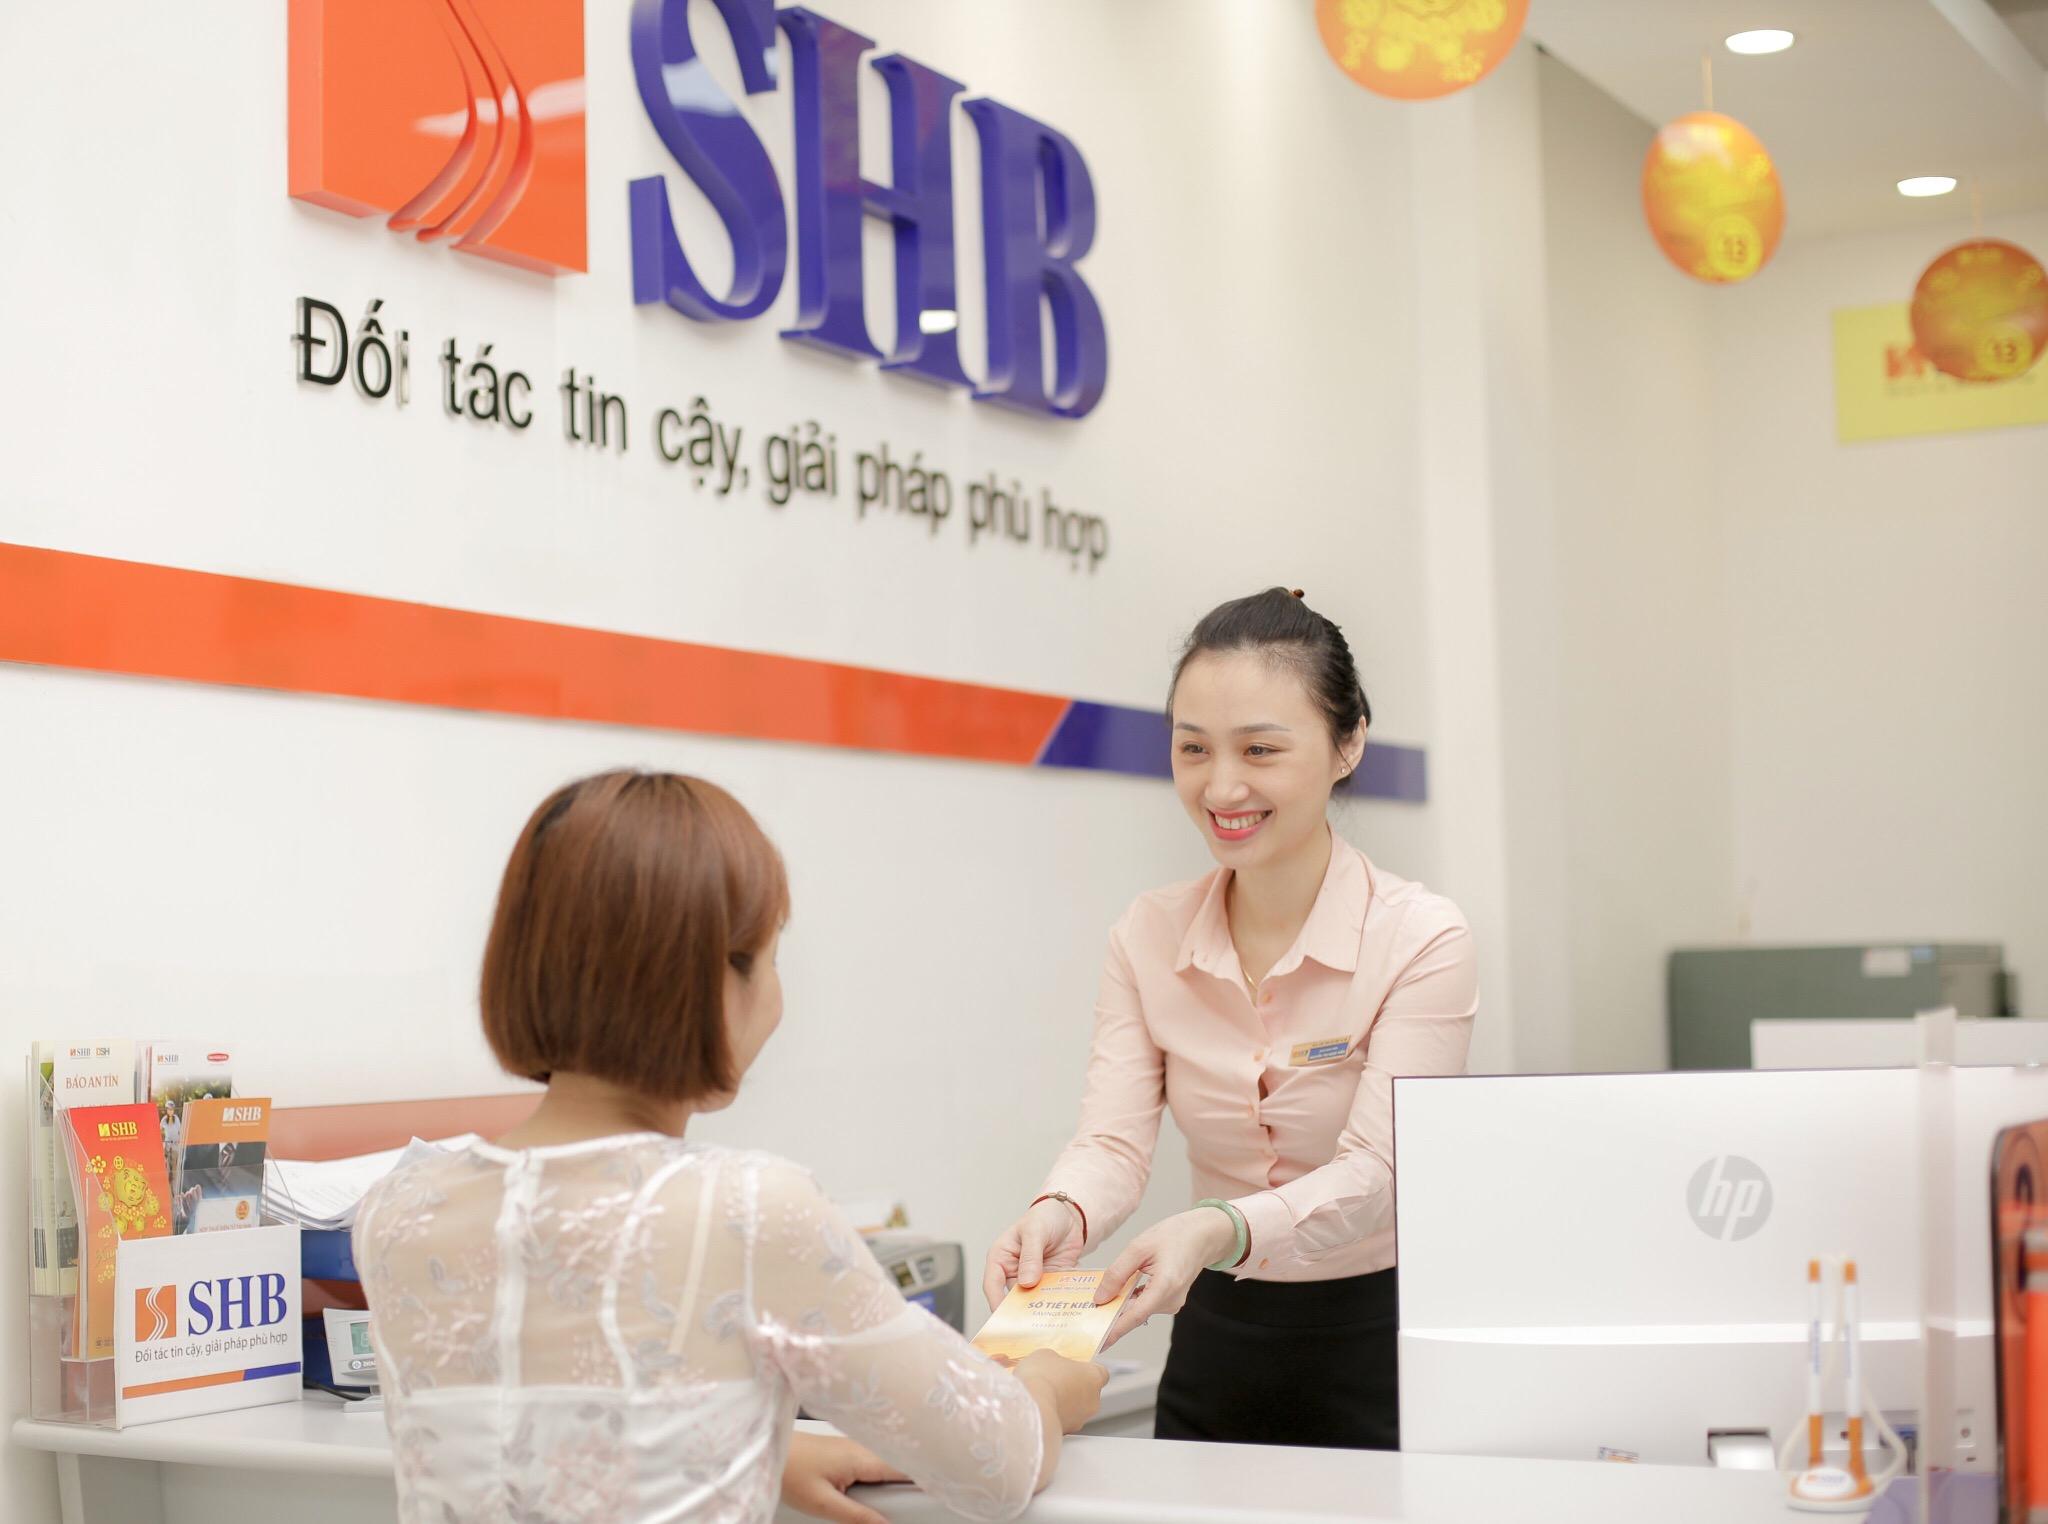 Gửi tiết kiệm hè, đón nhiều ưu đãi cùng SHB  - Ảnh 1